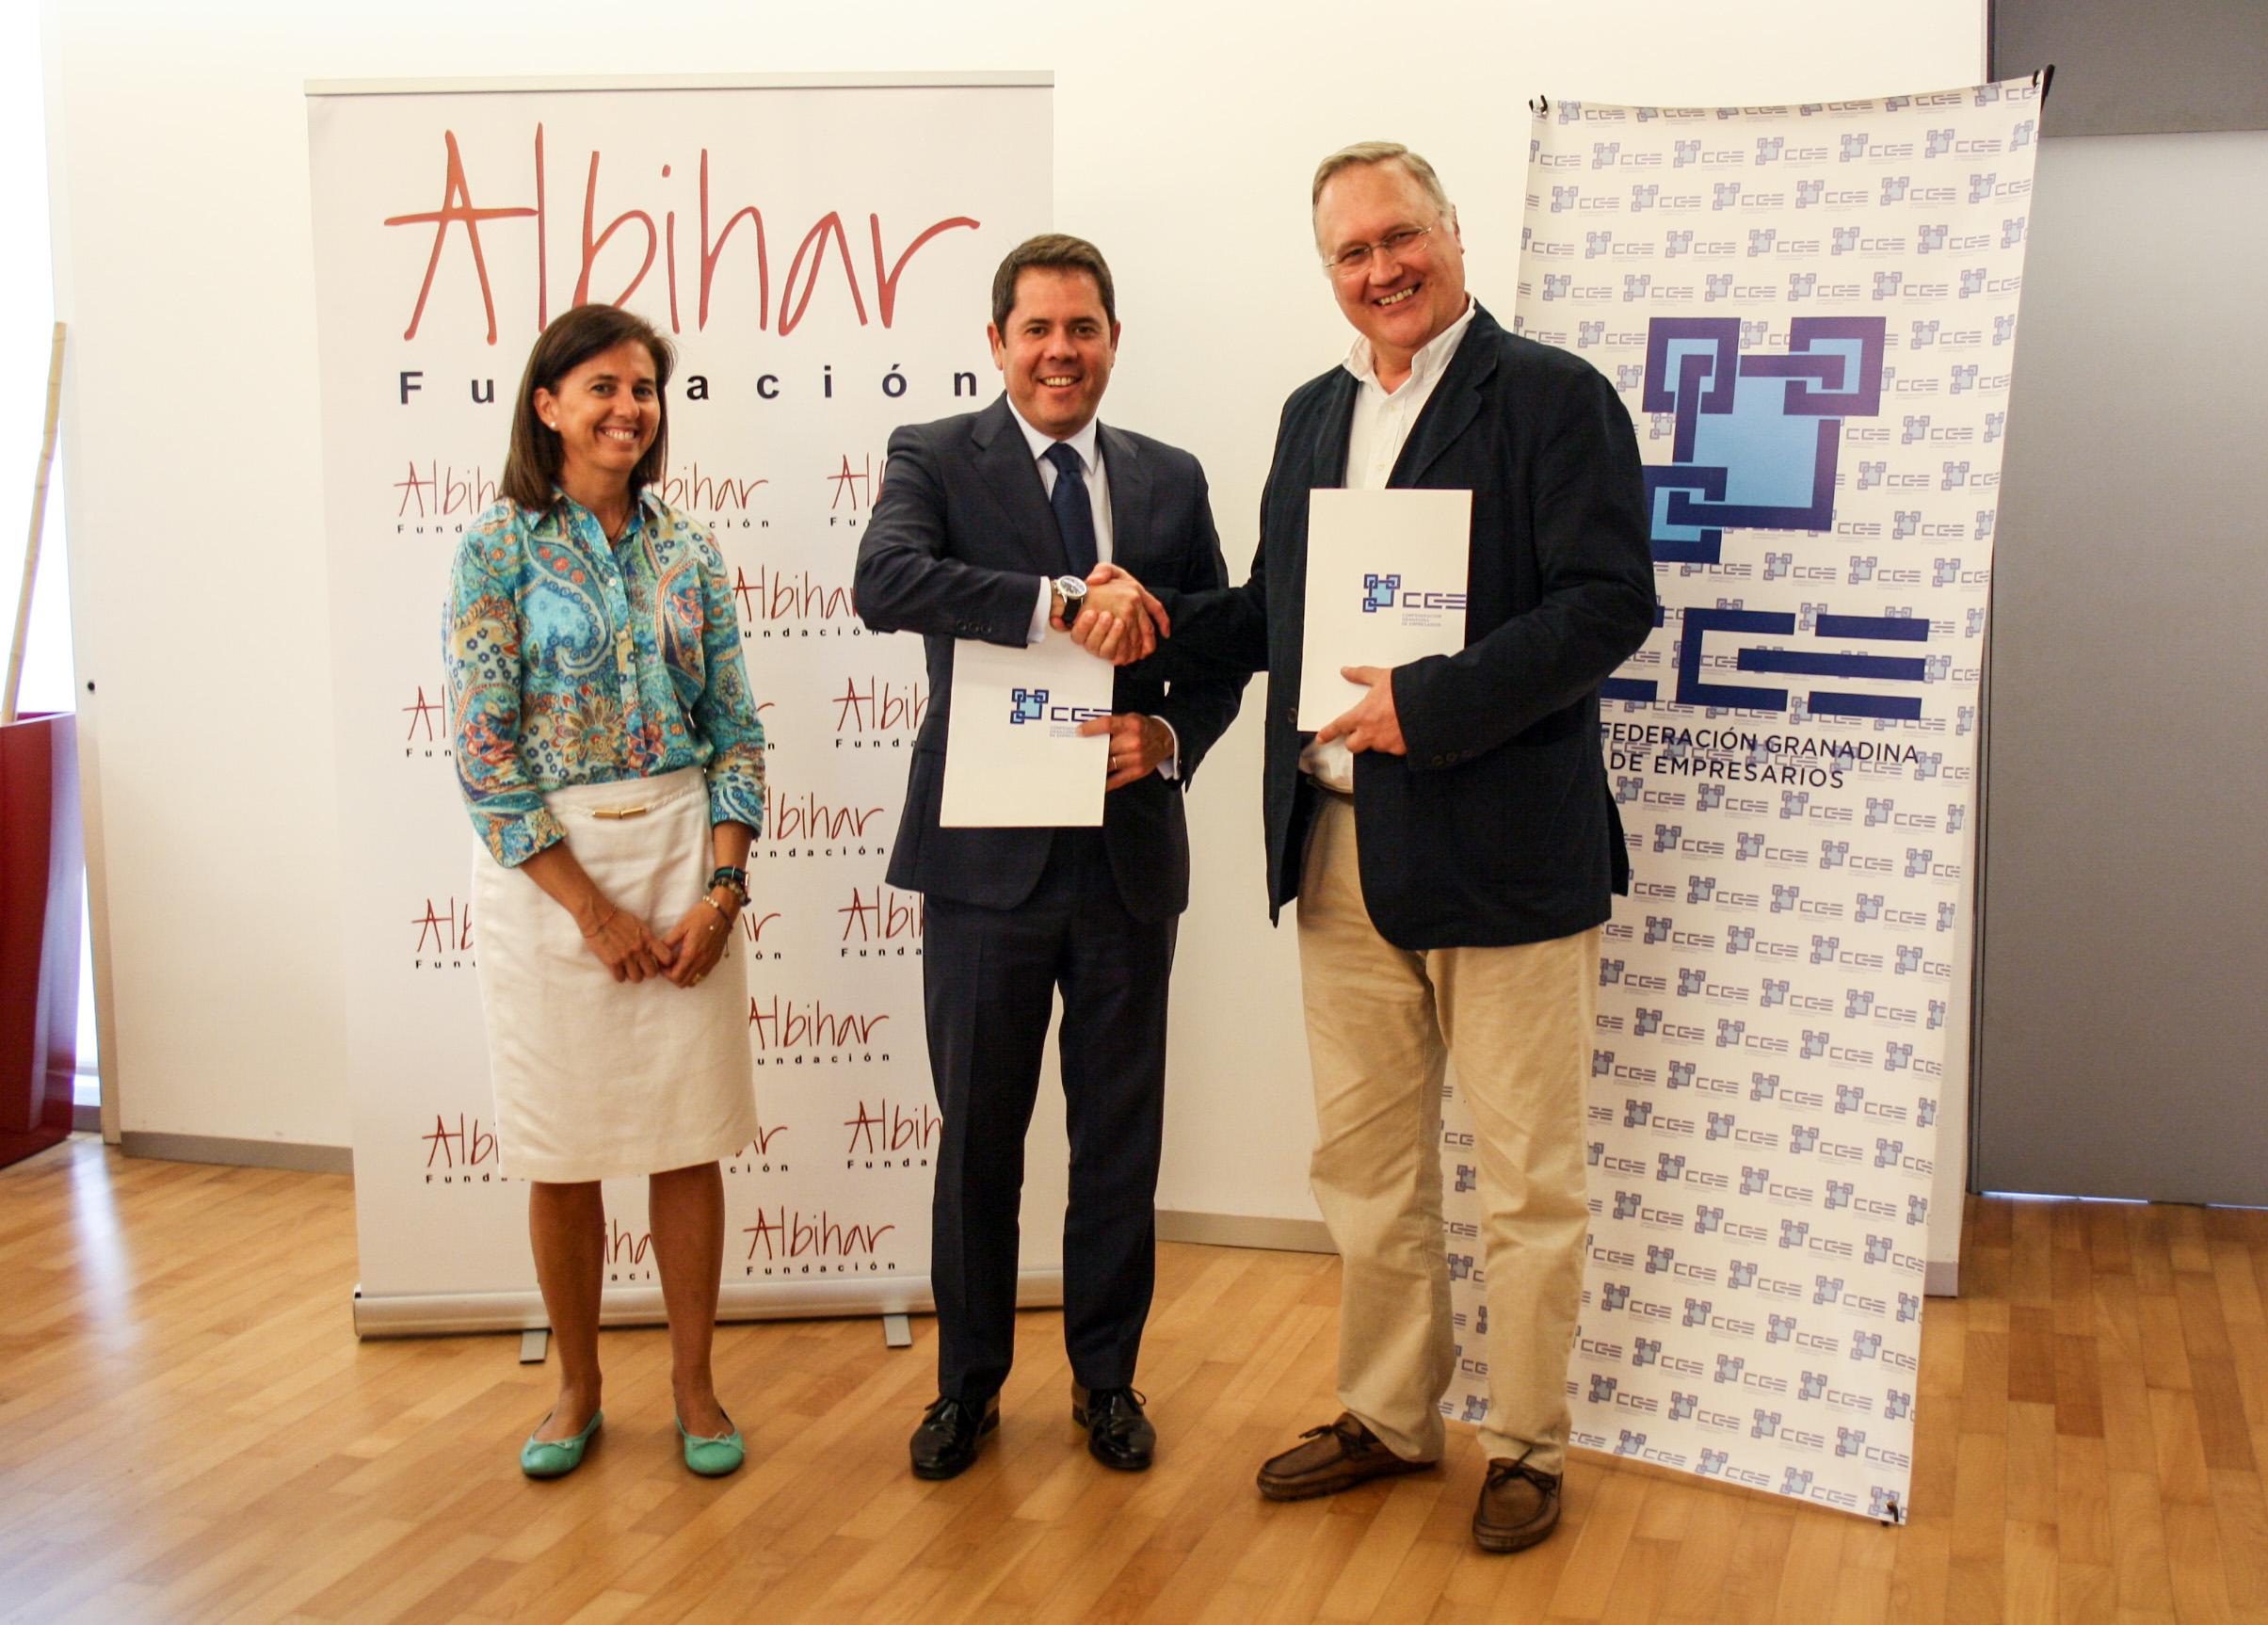 La CGE y la Fundación Albihar firman un convenio para el impulso de proyectos solidarios y de cooperación internacional